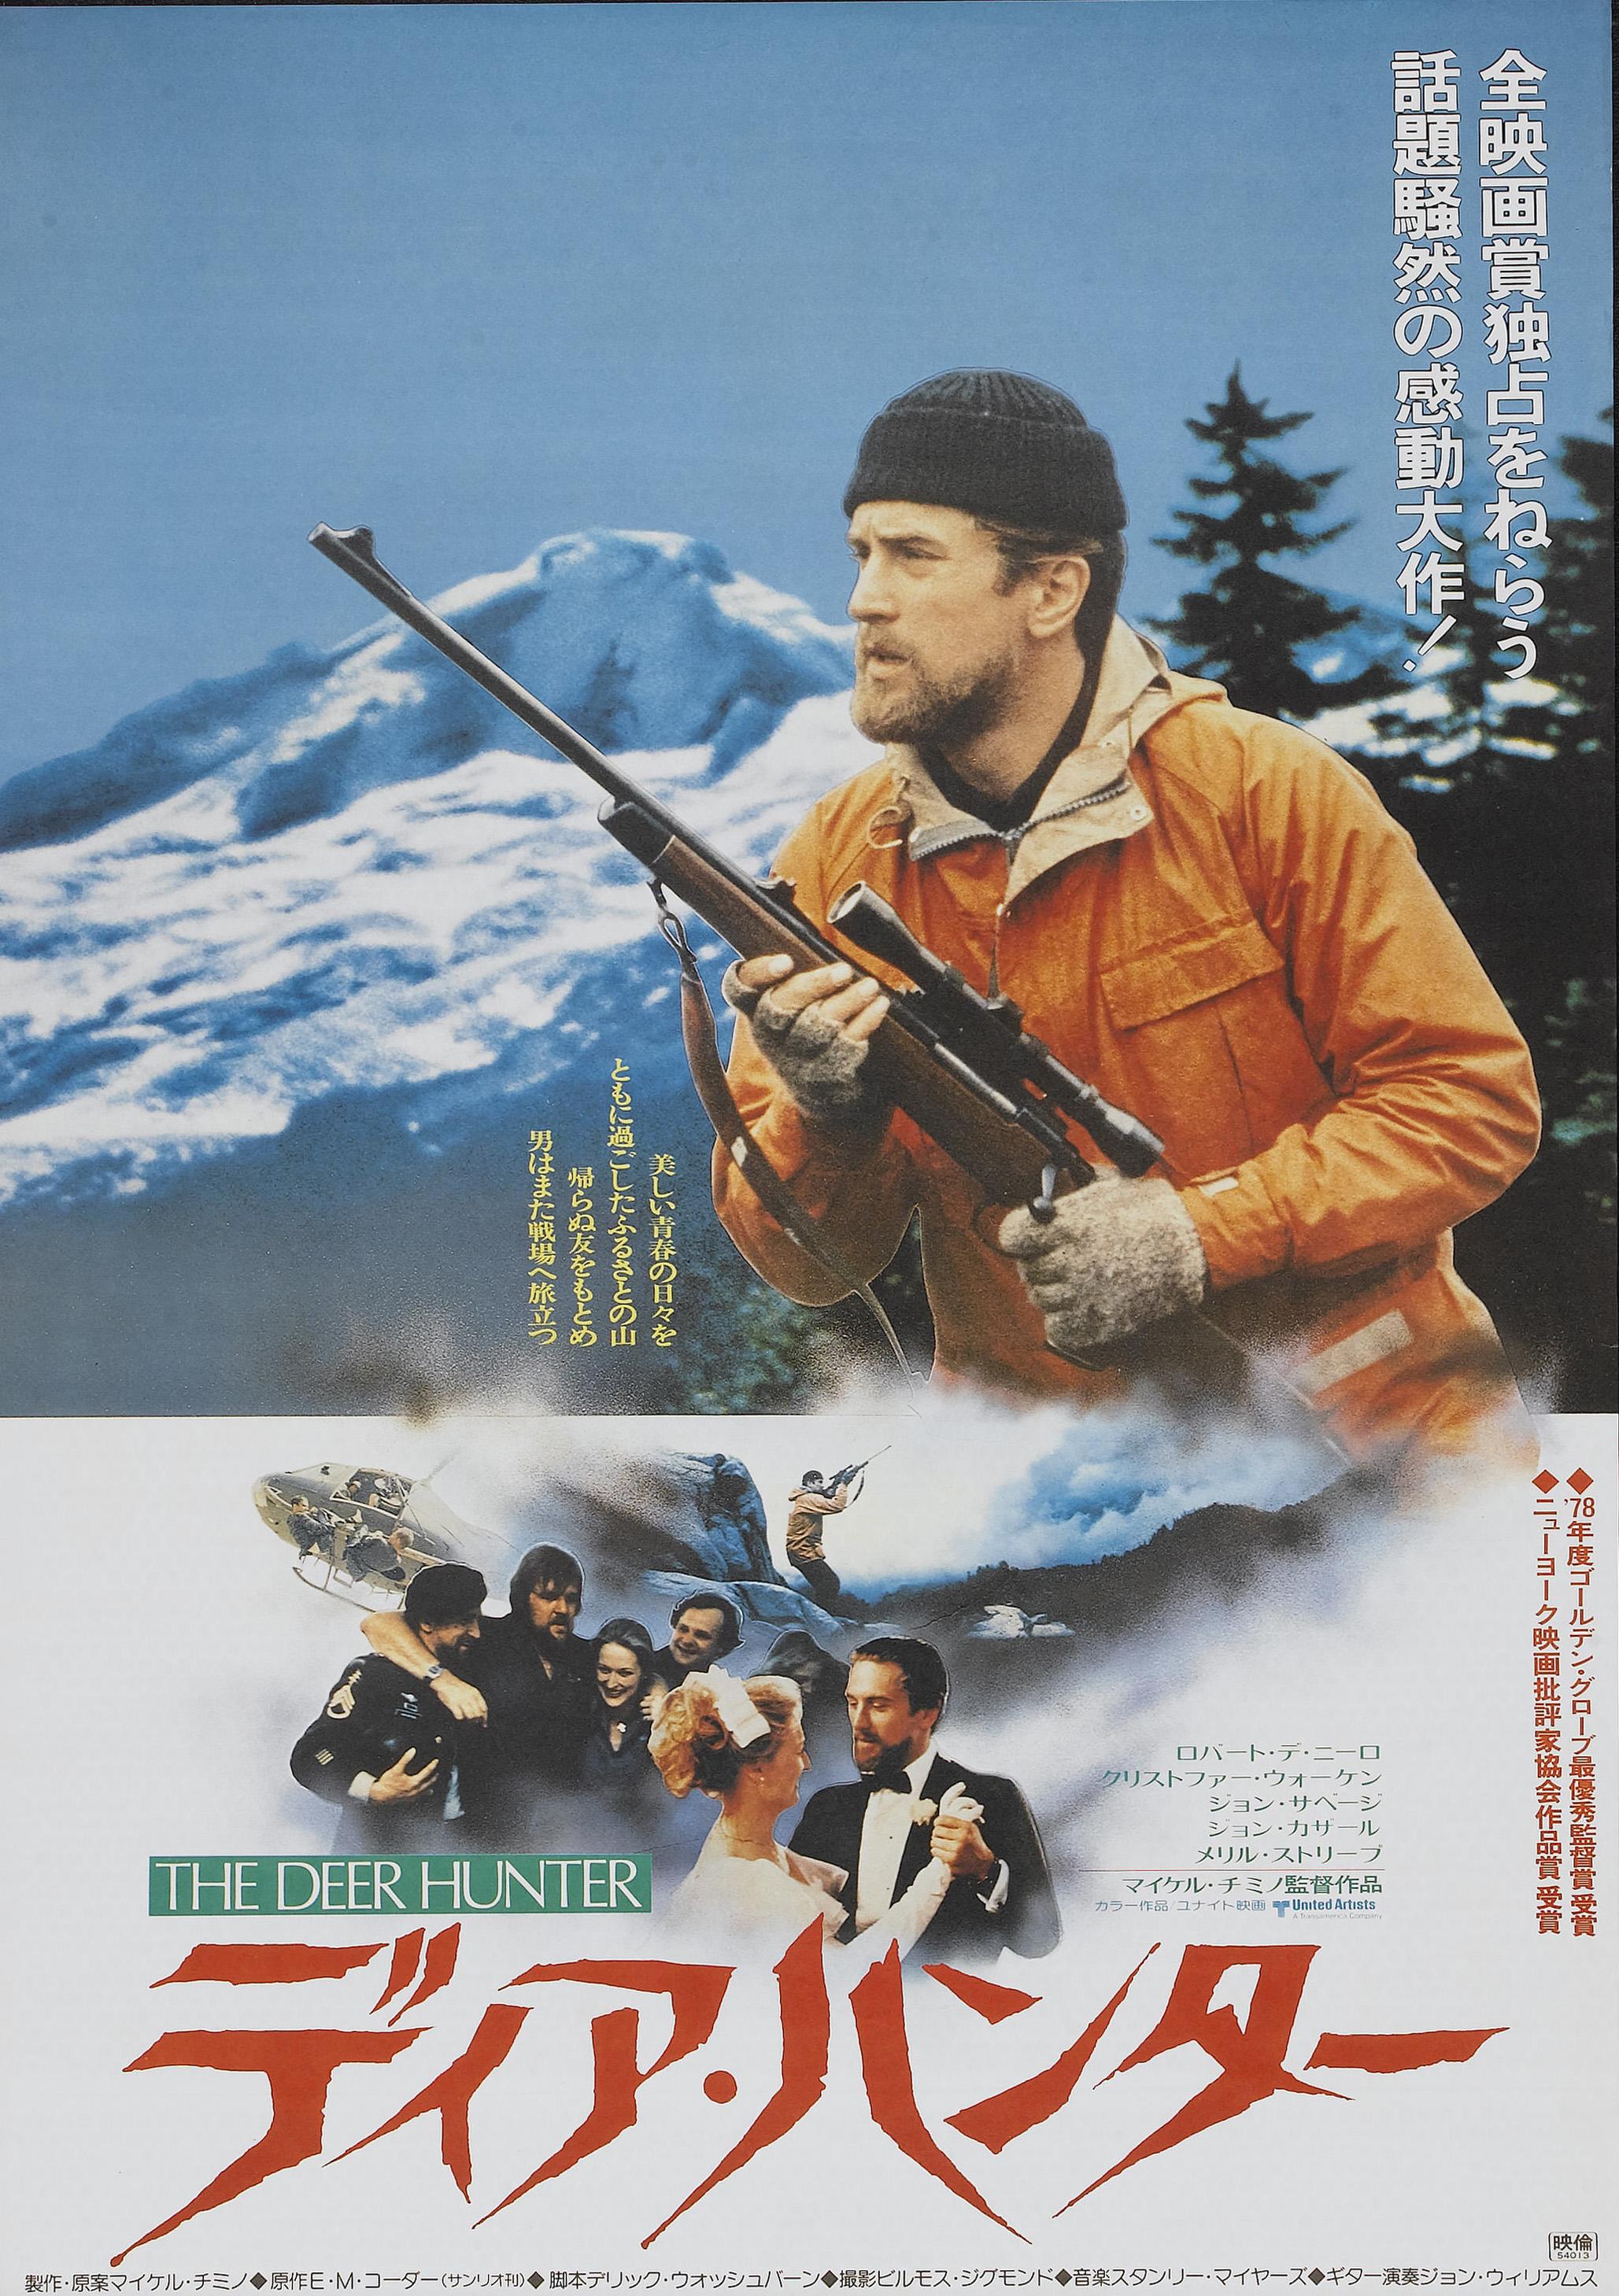 Кадры из фильма охотник на оленей смотреть в хорошем качестве онлайн